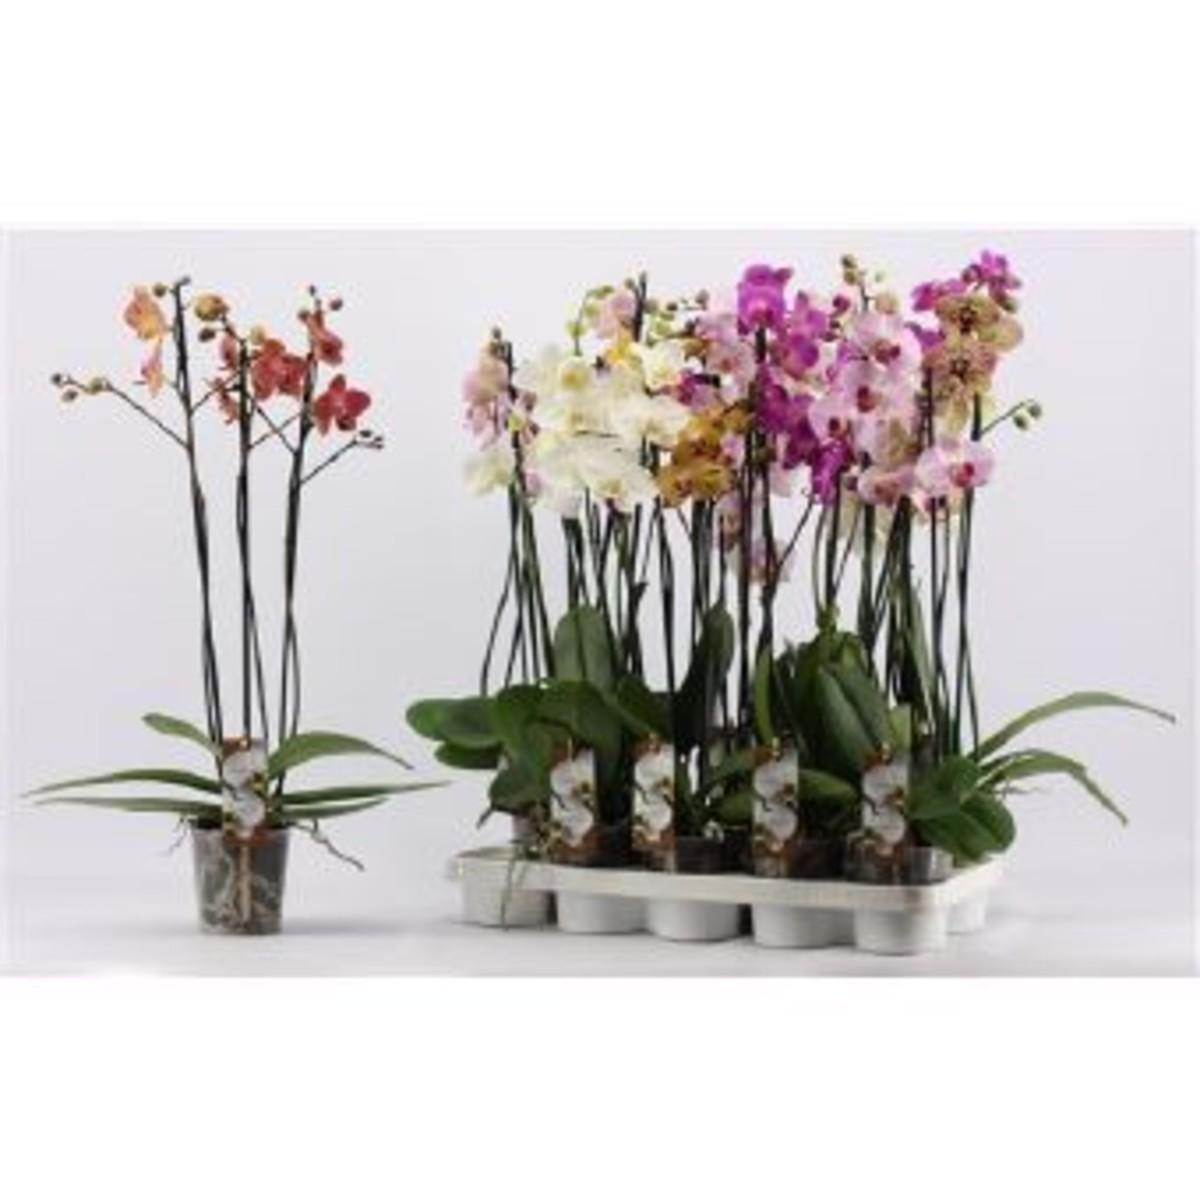 Орхидея Фаленопсис Микс 3Рр D12 H60